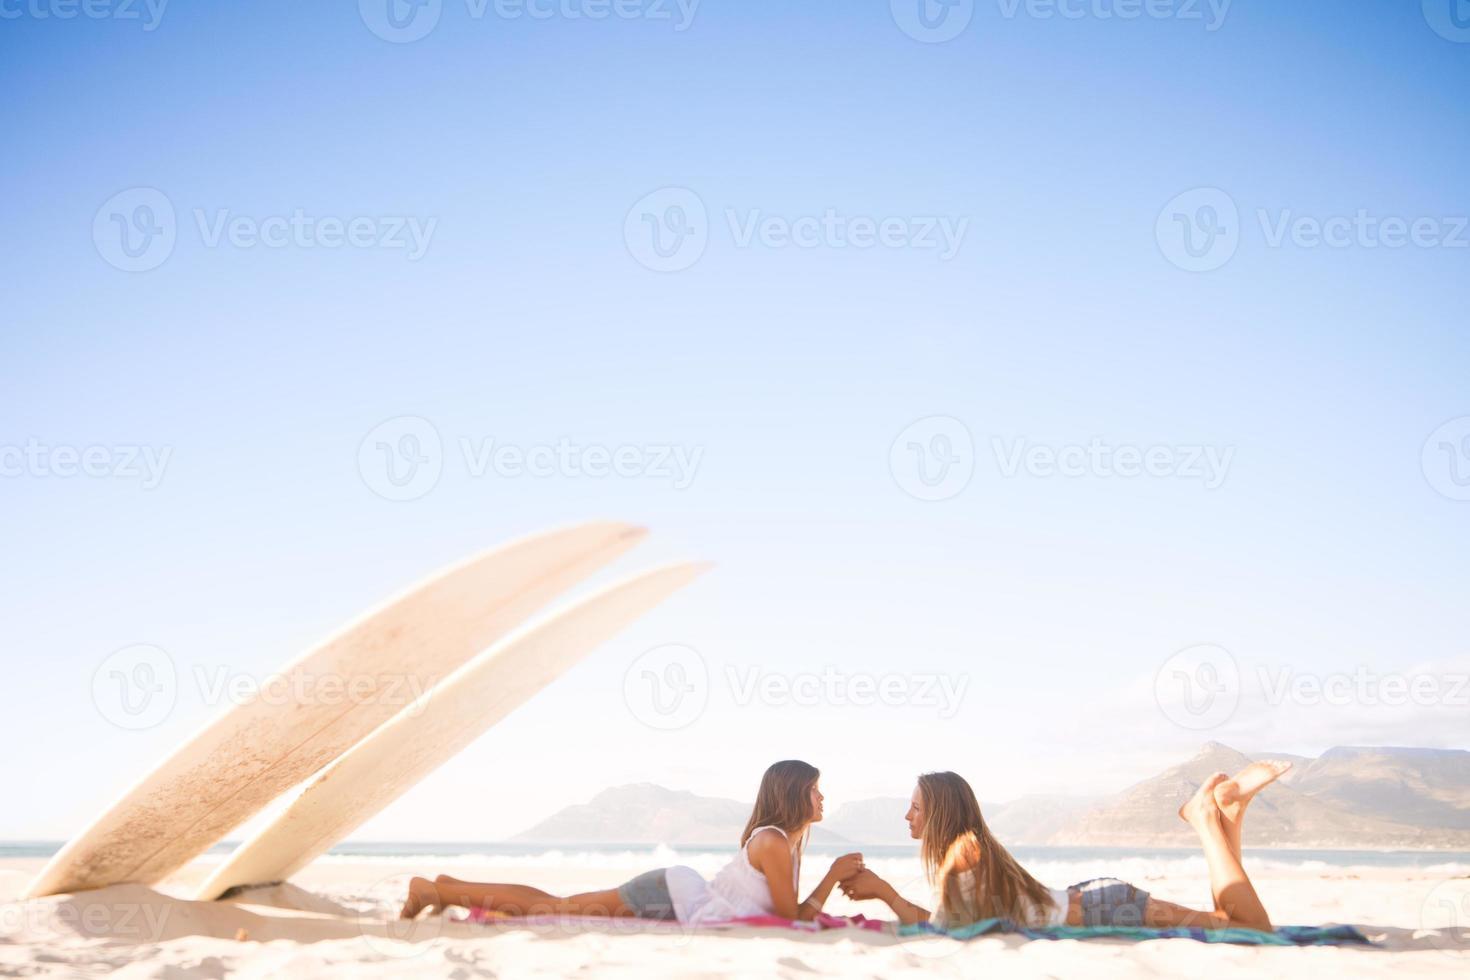 mejores amigos tomados de la mano y relajándose a la sombra foto